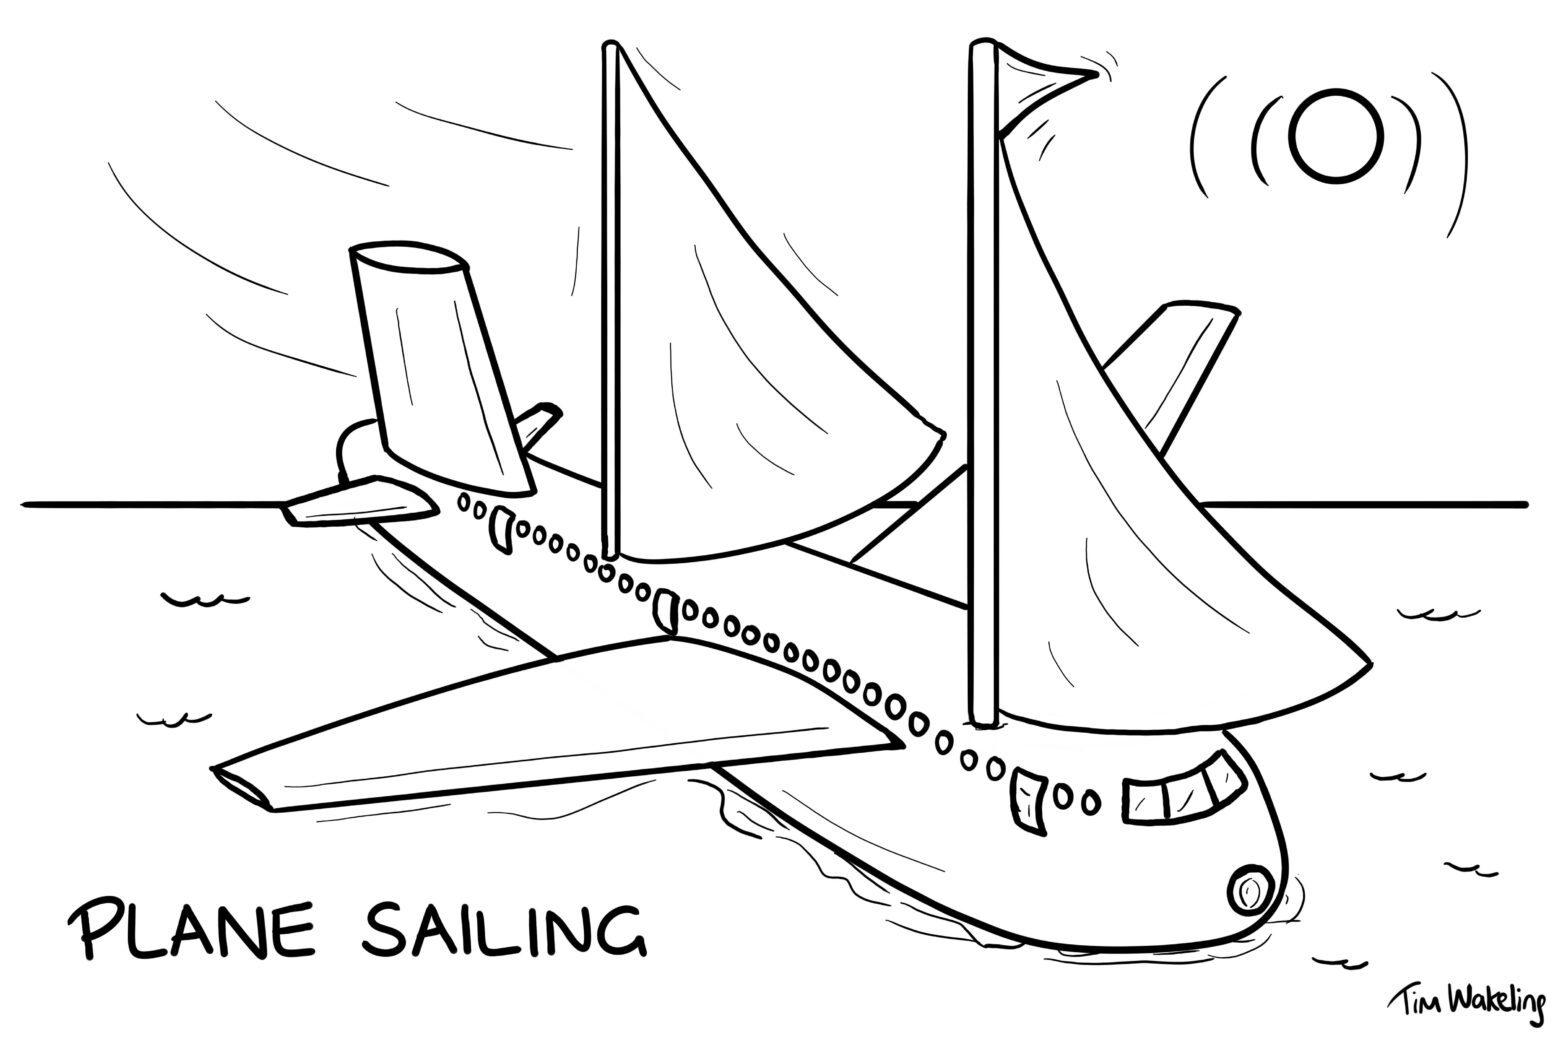 Cartoon of a plane, sailing